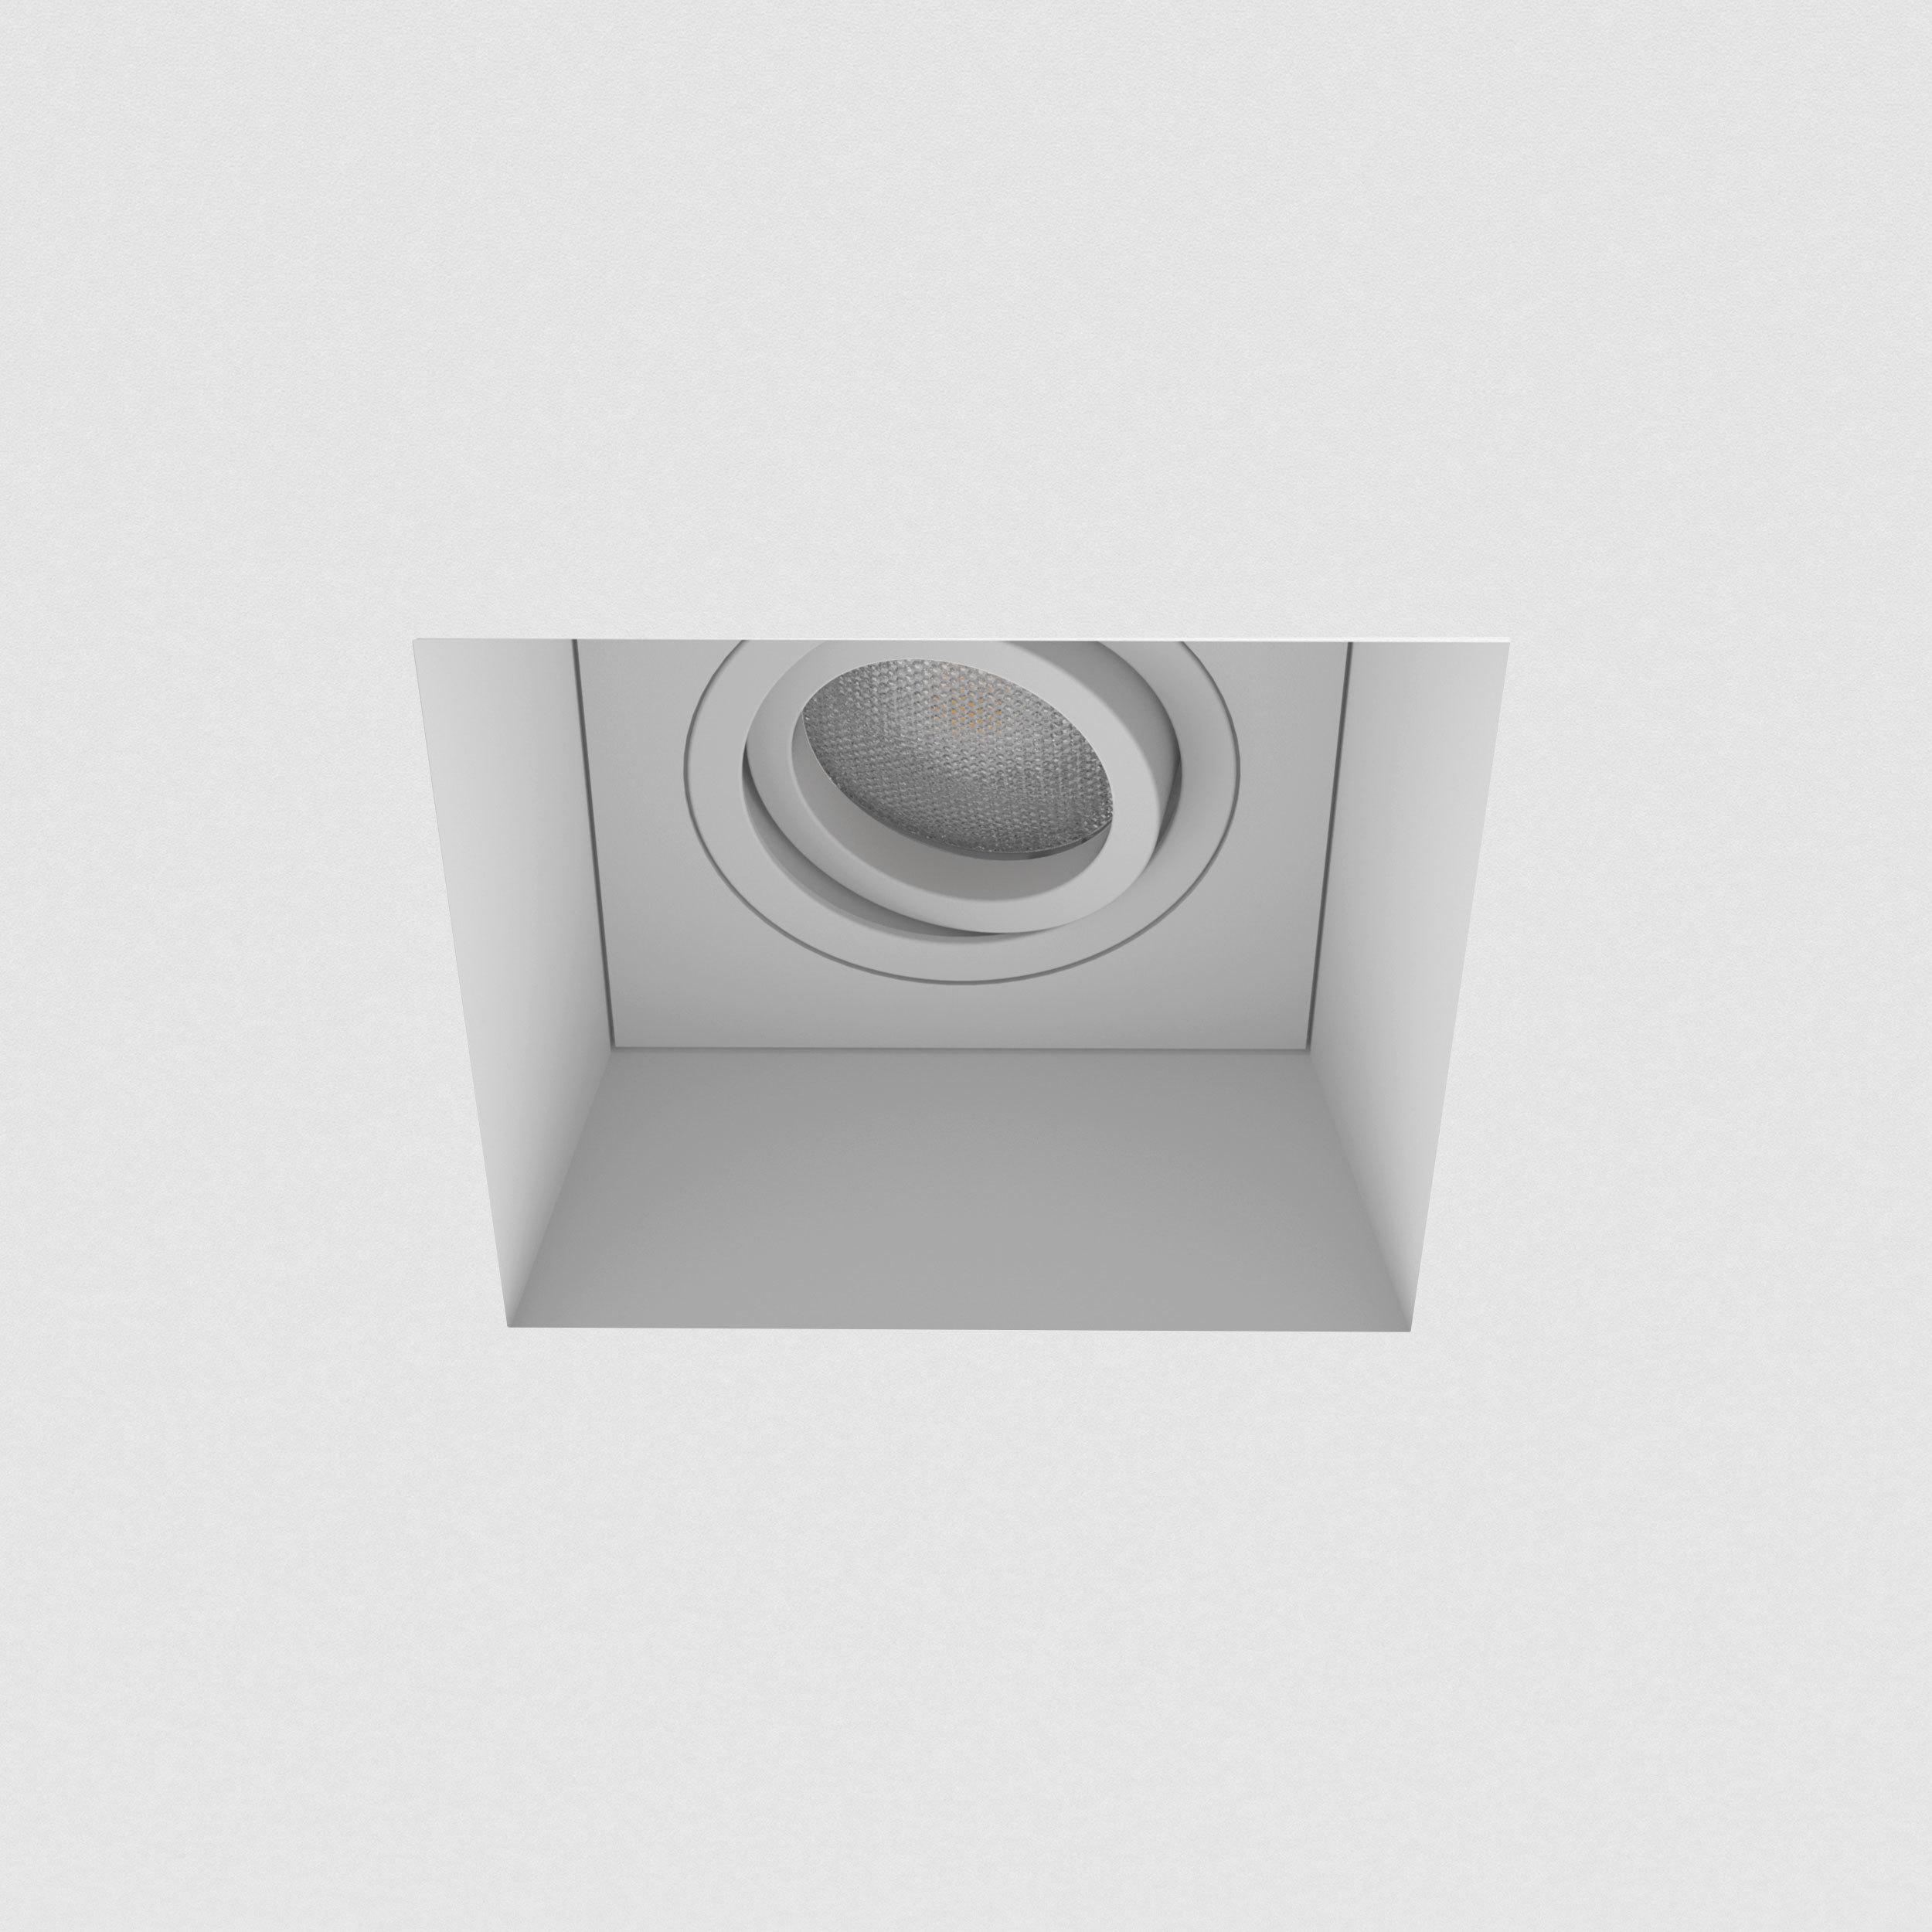 Встраиваемый светильник Astro Blanco 1253007 (7345), 1xGU10x50W, белый, под покраску, гипс, металл - фото 3